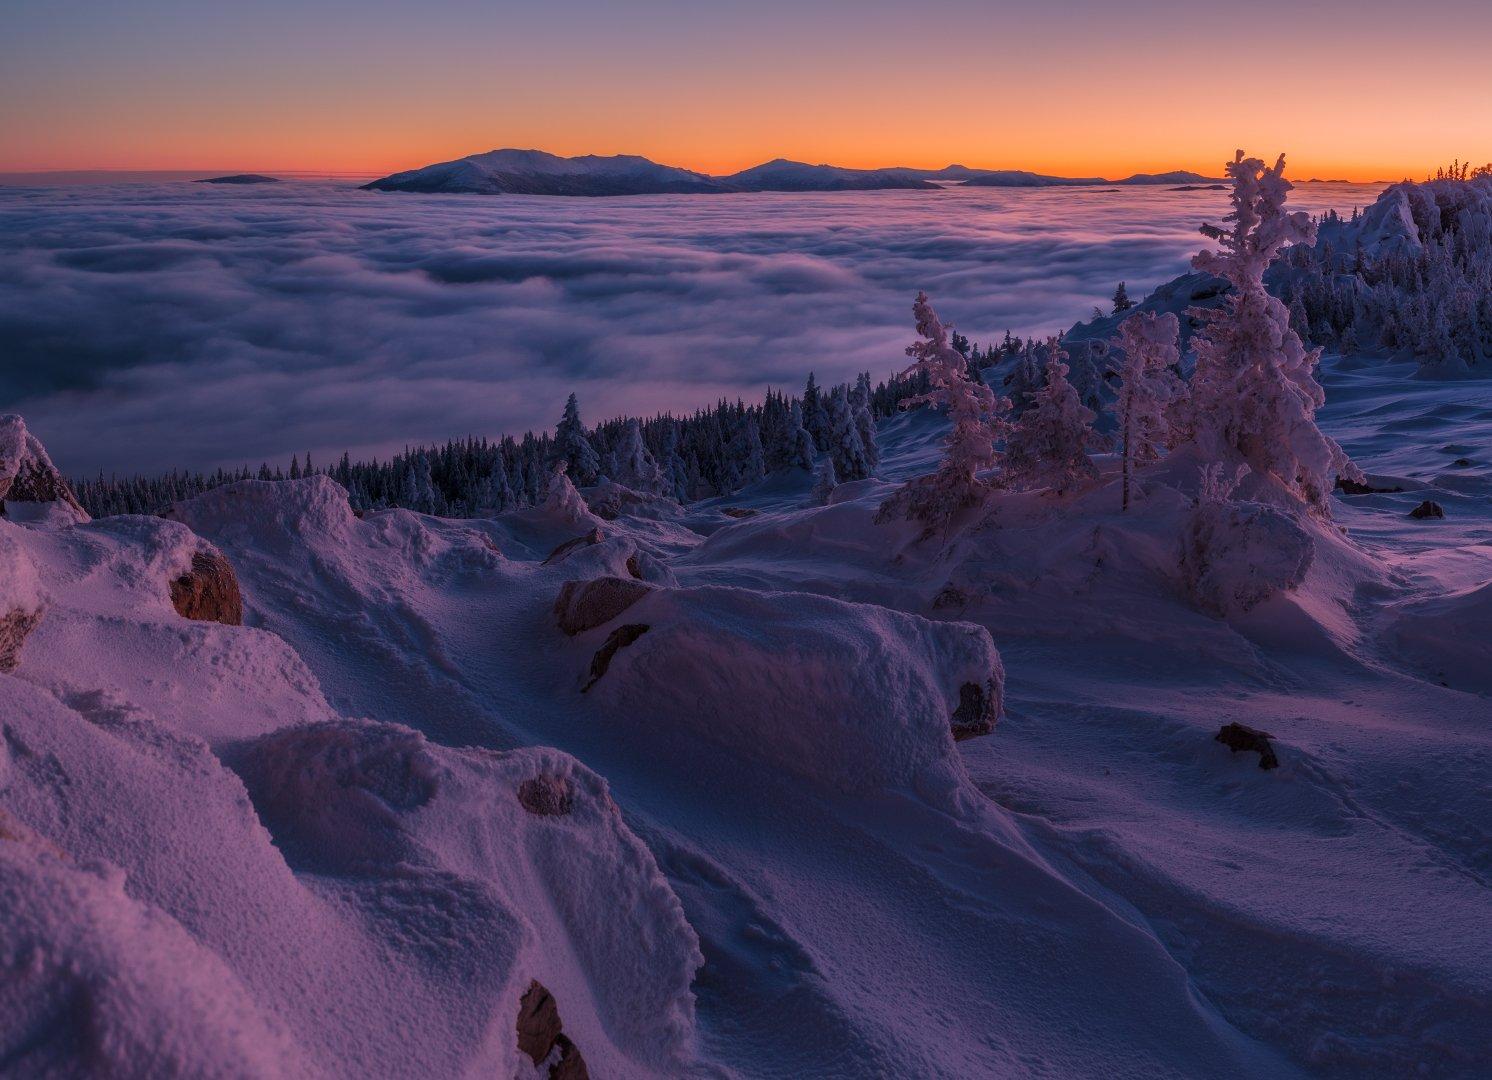 зюраткуль, южный урал, выше облаков, marateaman